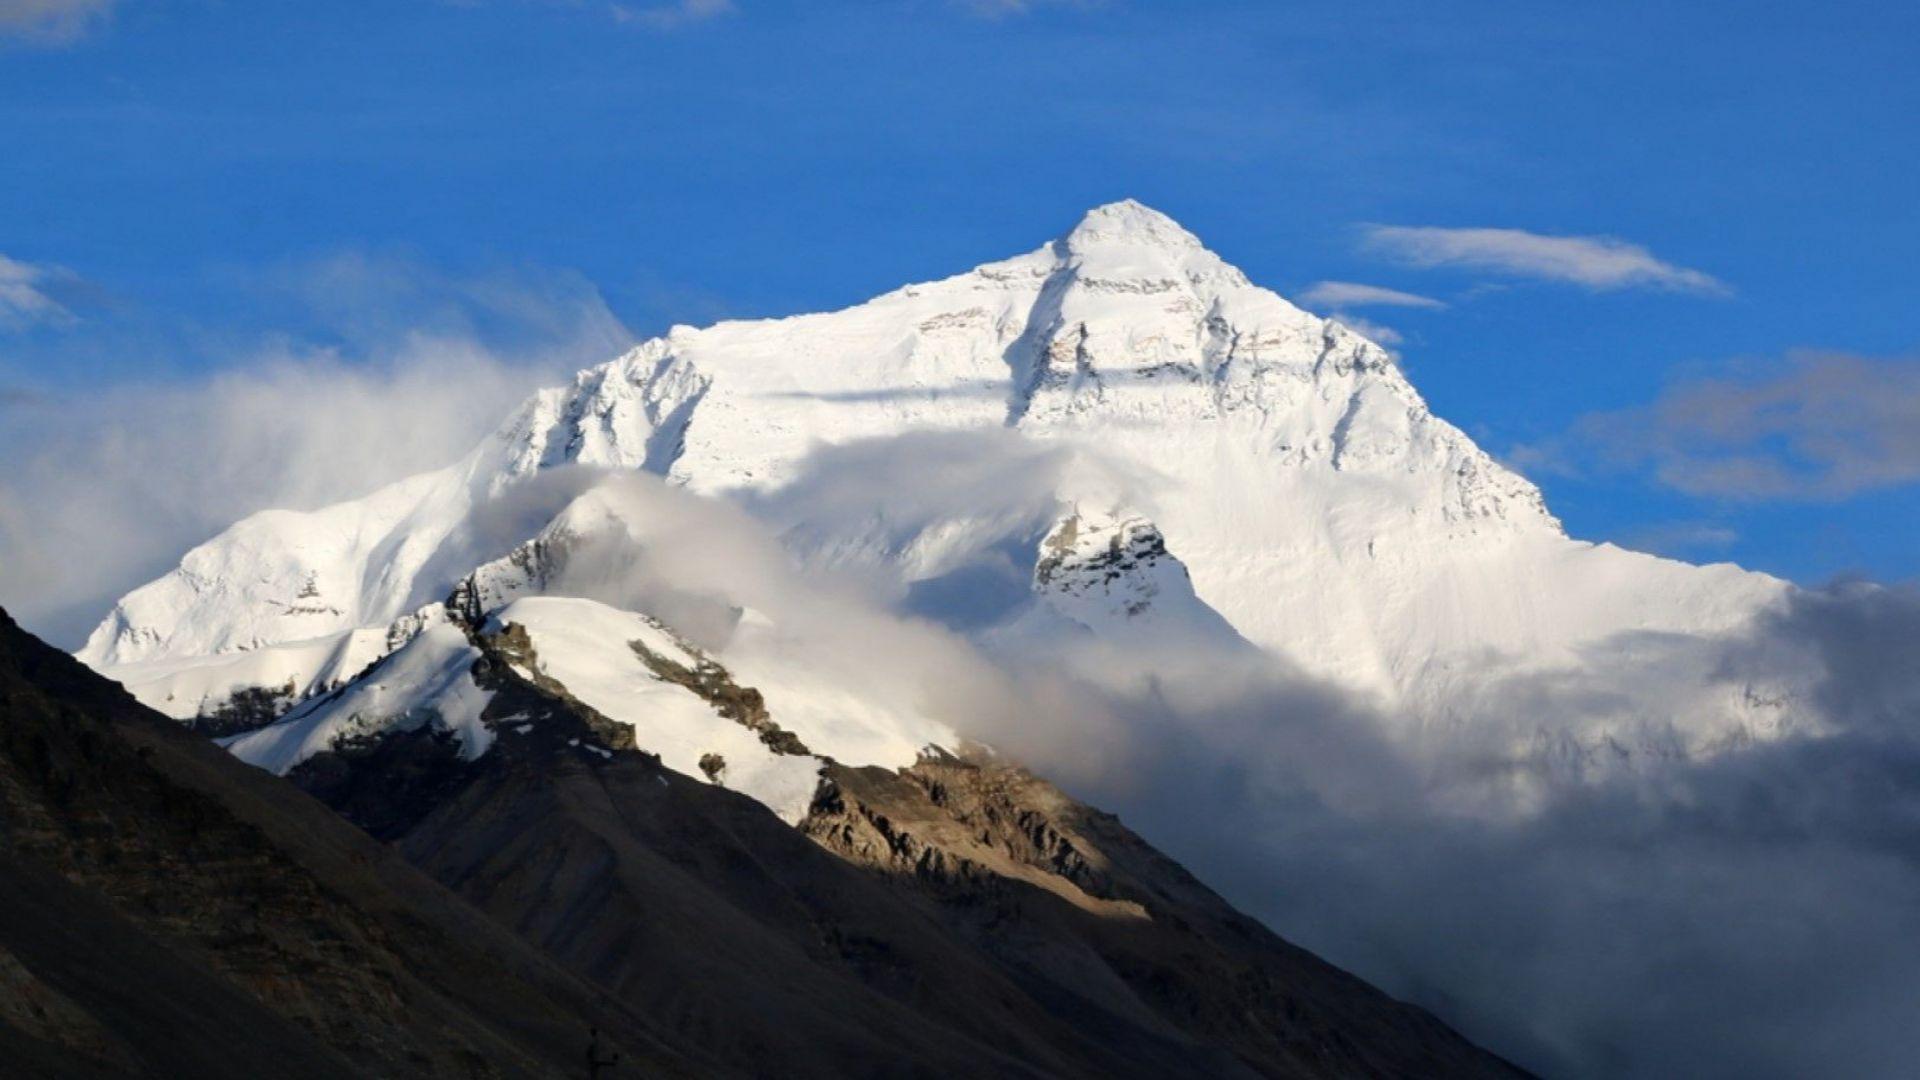 Първият човек, спуснал се със ски от Еверест, почина след падане от дърво